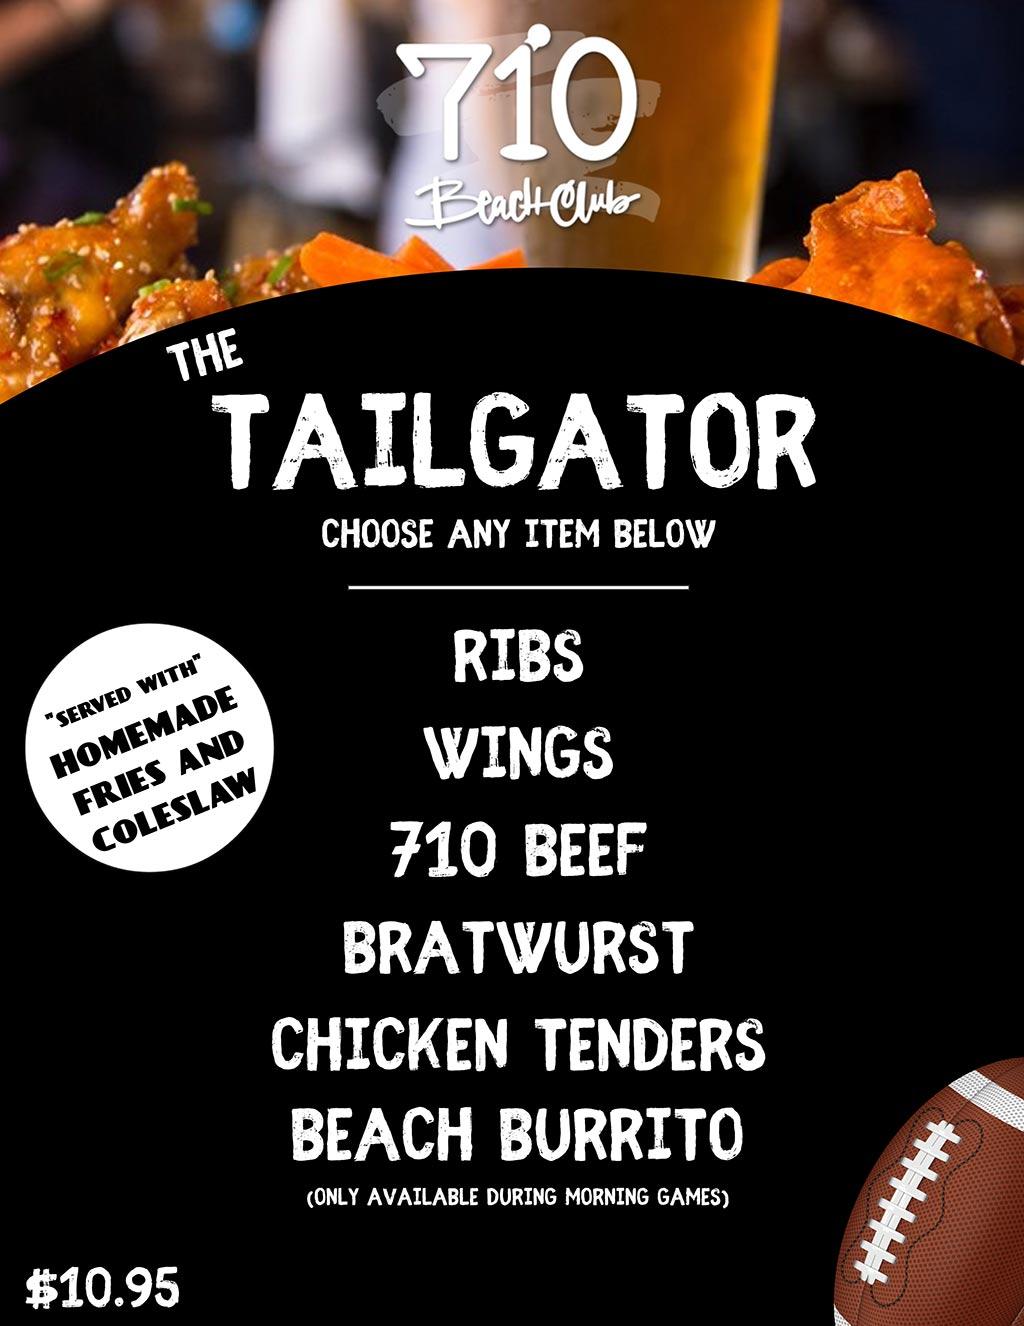 Taligator Specials flyer